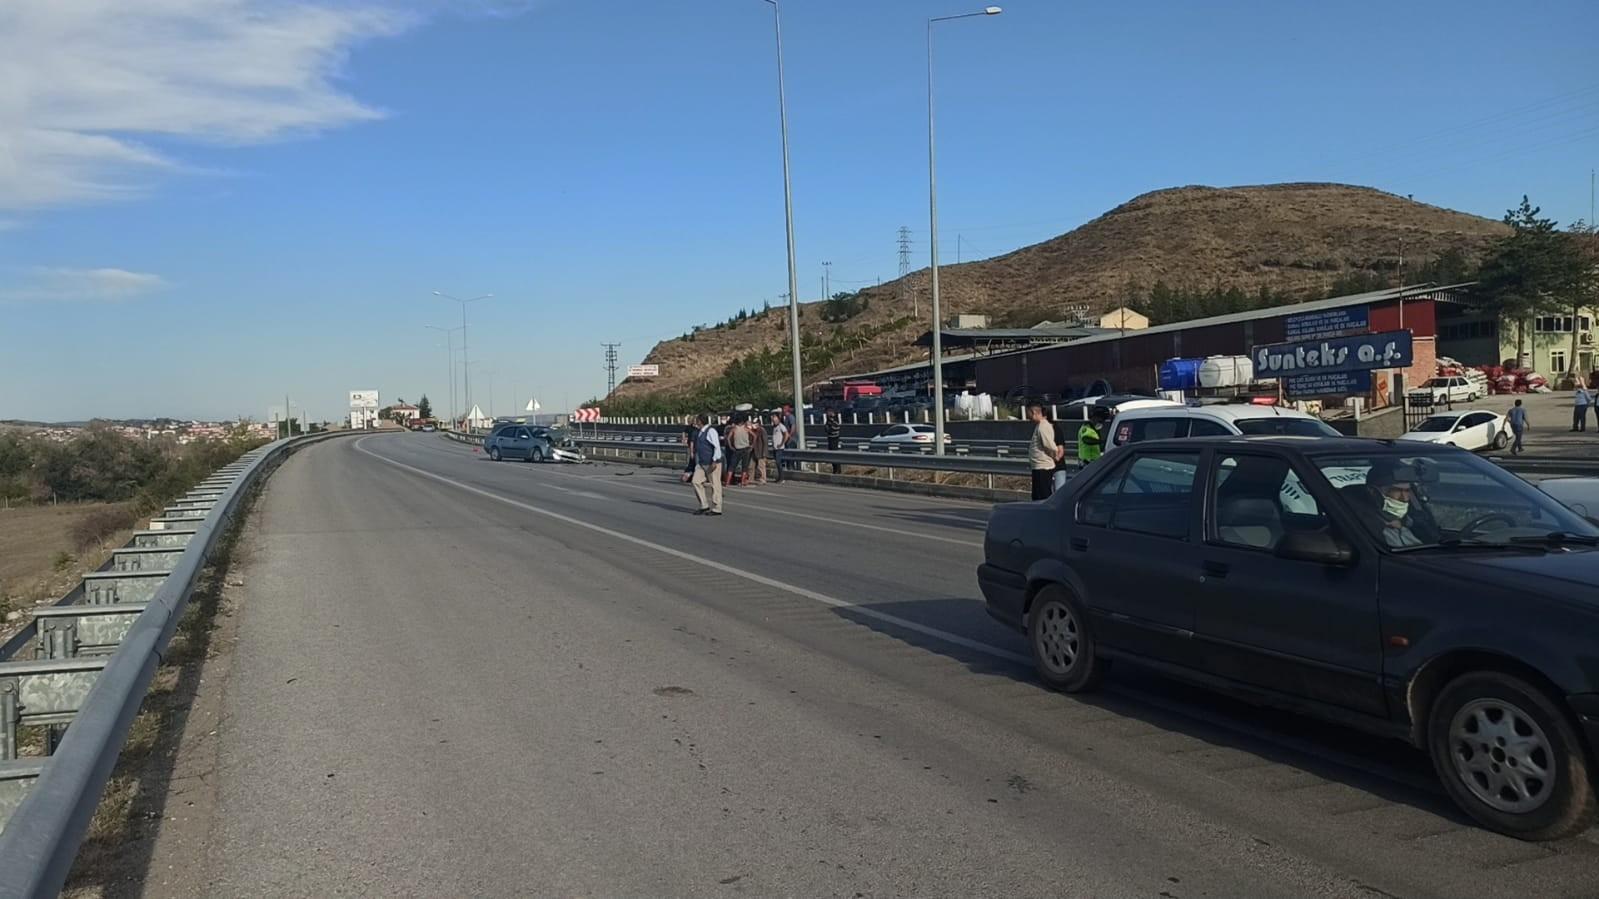 Otomobil ile traktör çarpıştı: 3 yaralı #corum